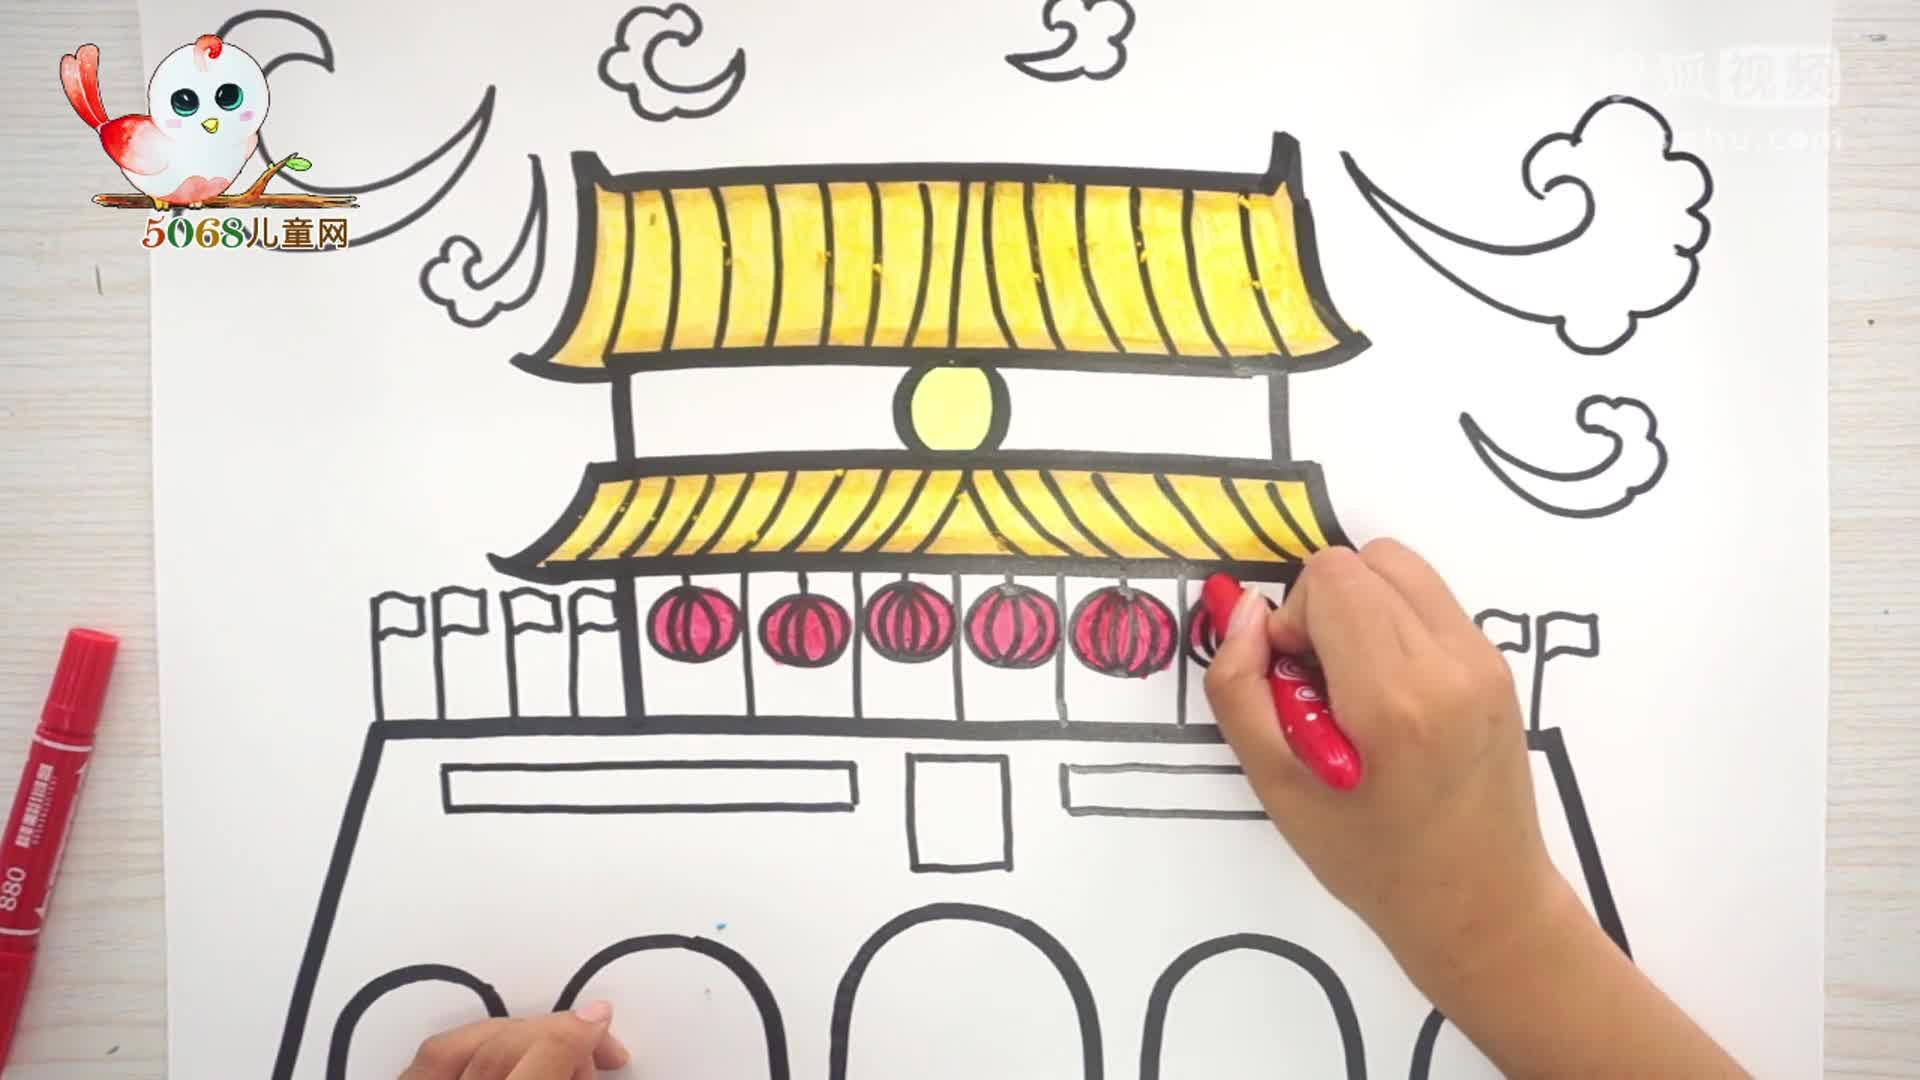 5068儿童网儿童画第25课天安门